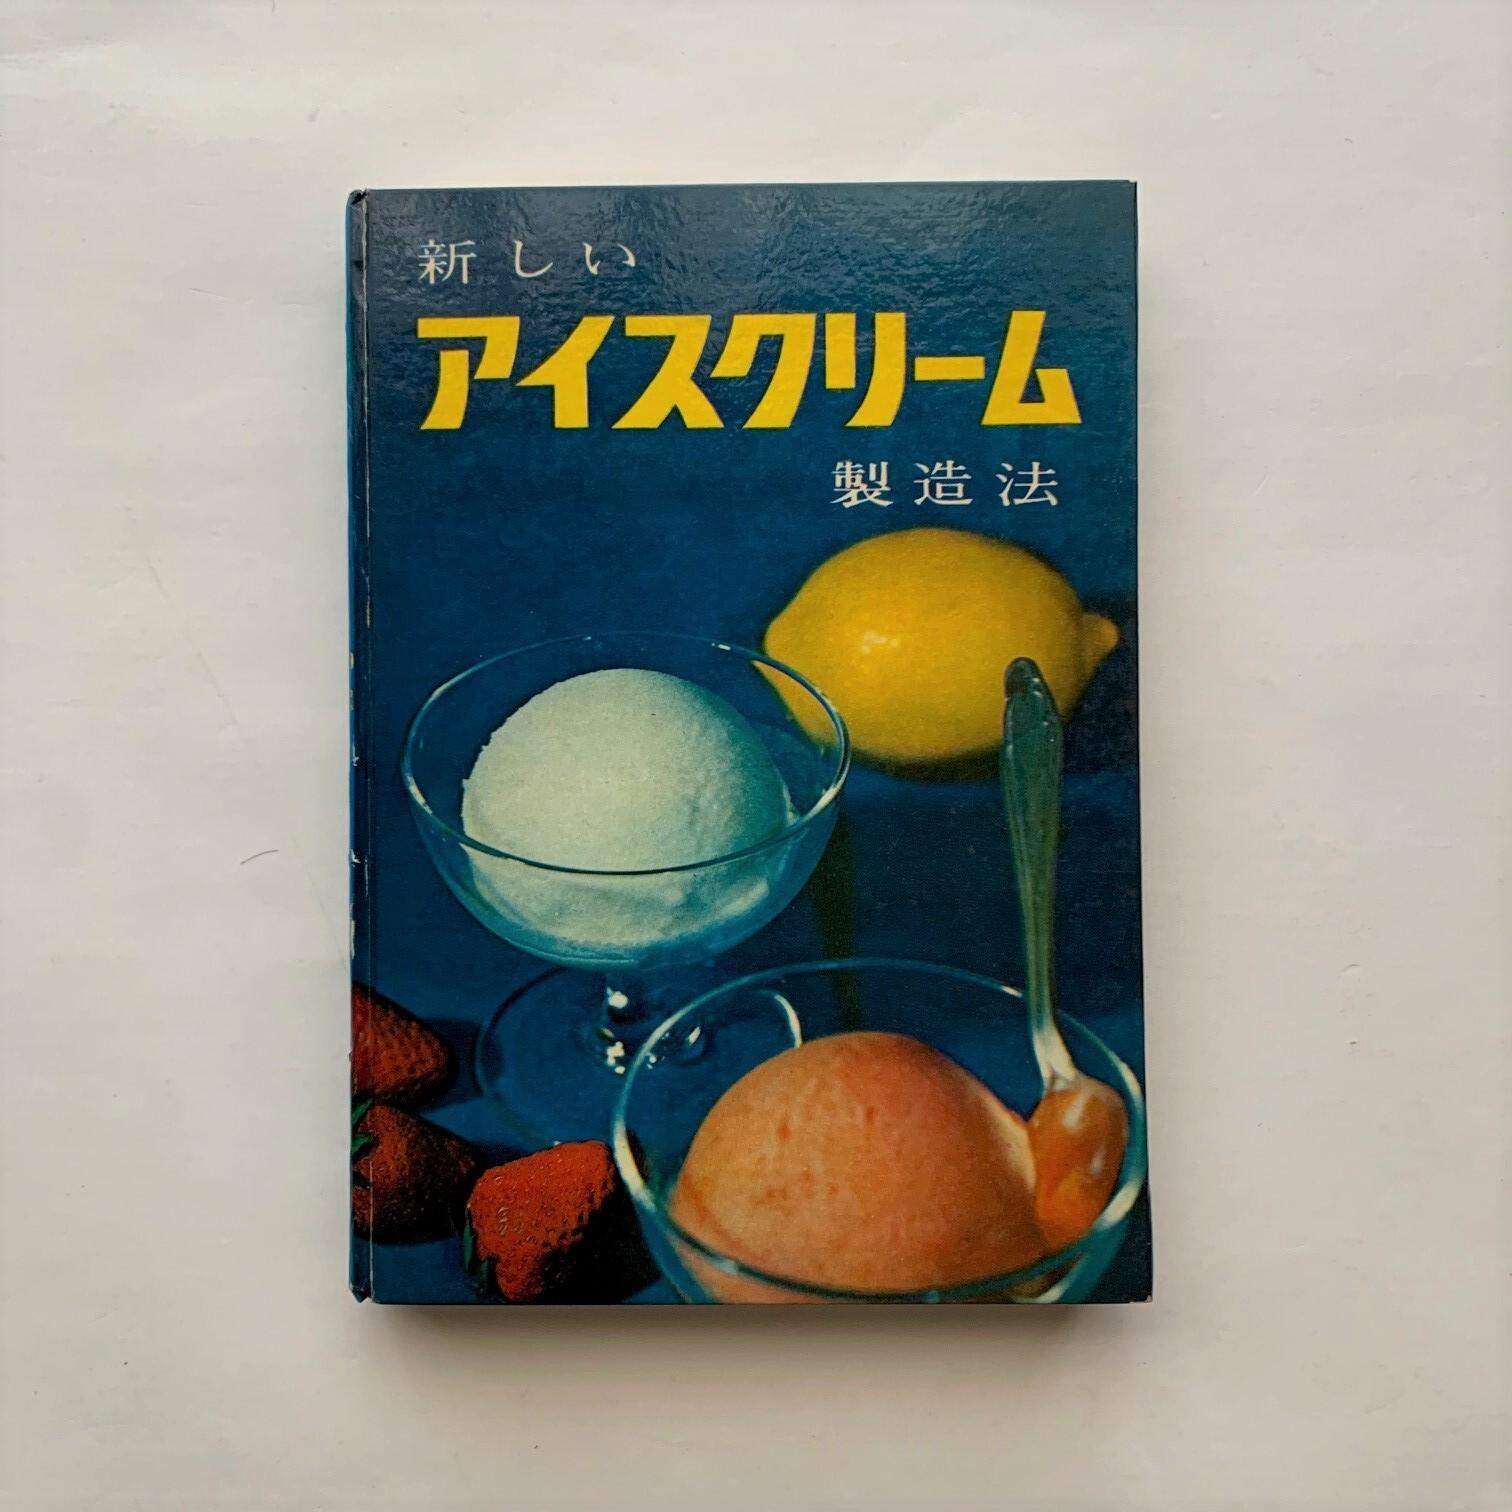 新しいアイスクリーム製造法 / 日本食料新聞社